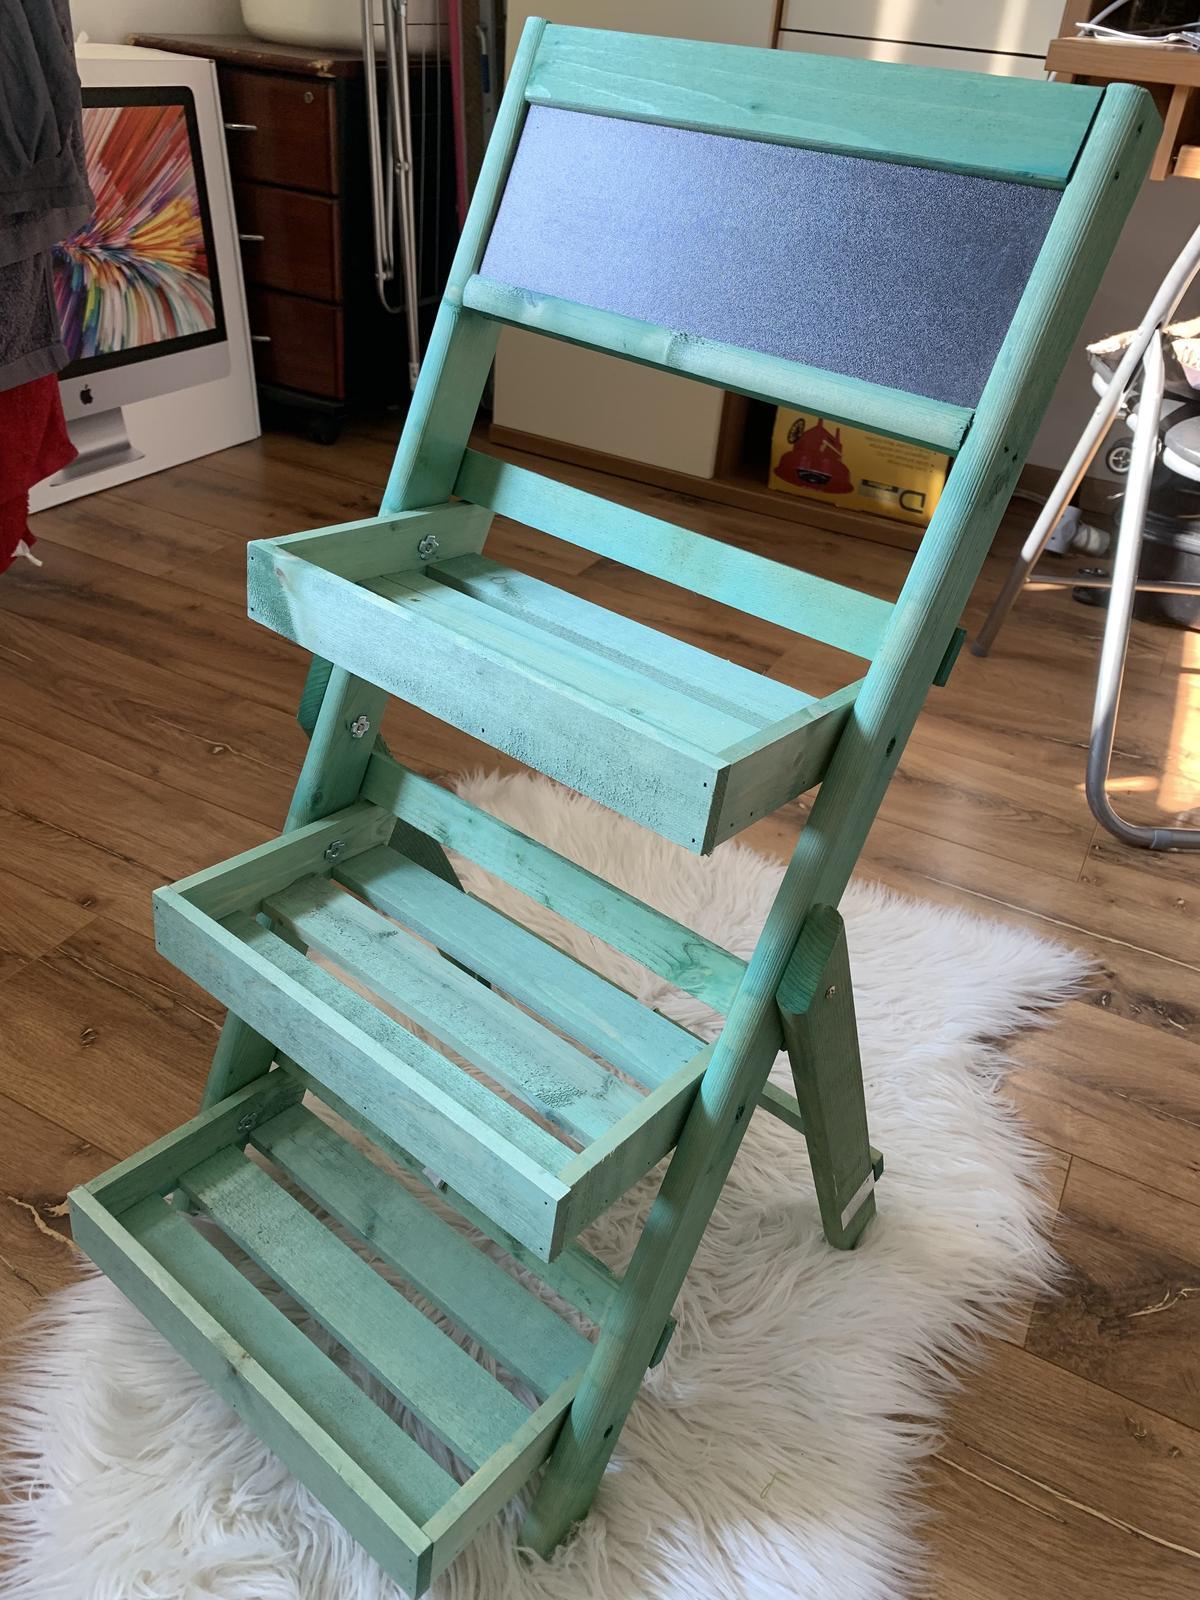 Čo už máme :) - pribudol nám aj dekoračný rebrík do fotokútika :)